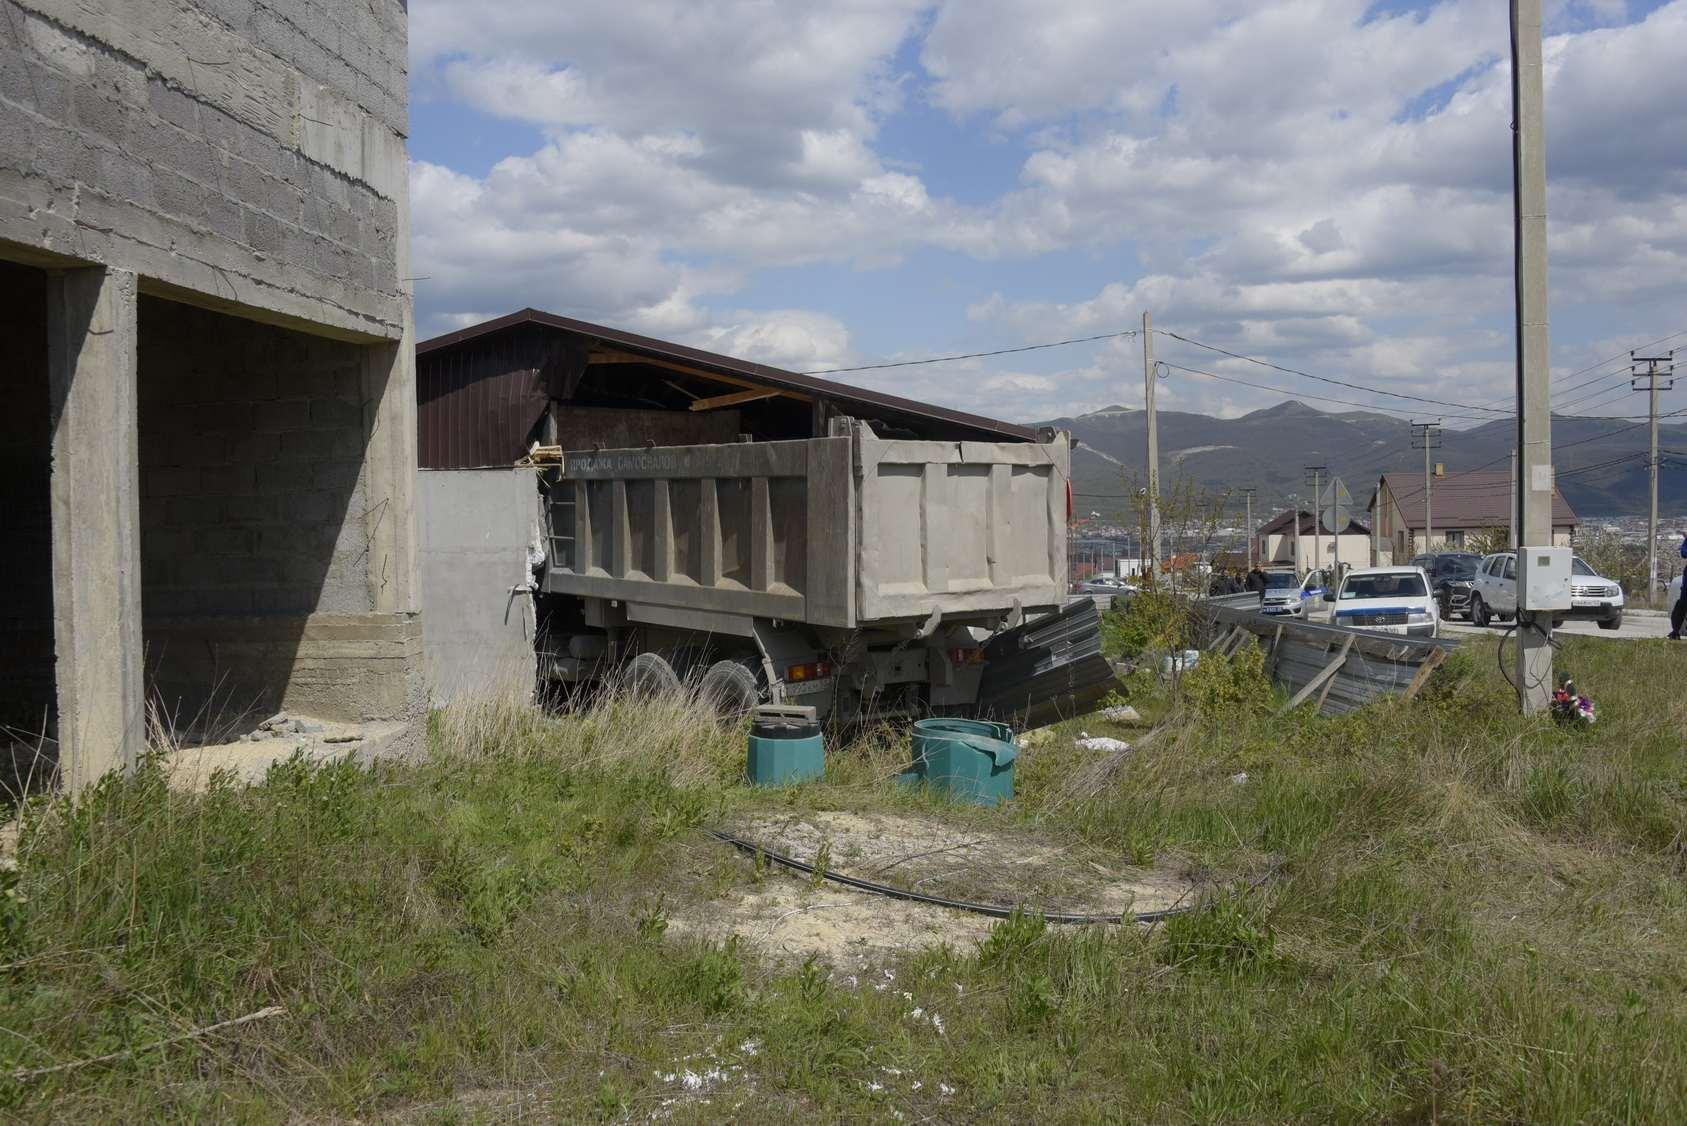 В Новороссийске грузовик пробил стену частного дома. Люди чудом выжили